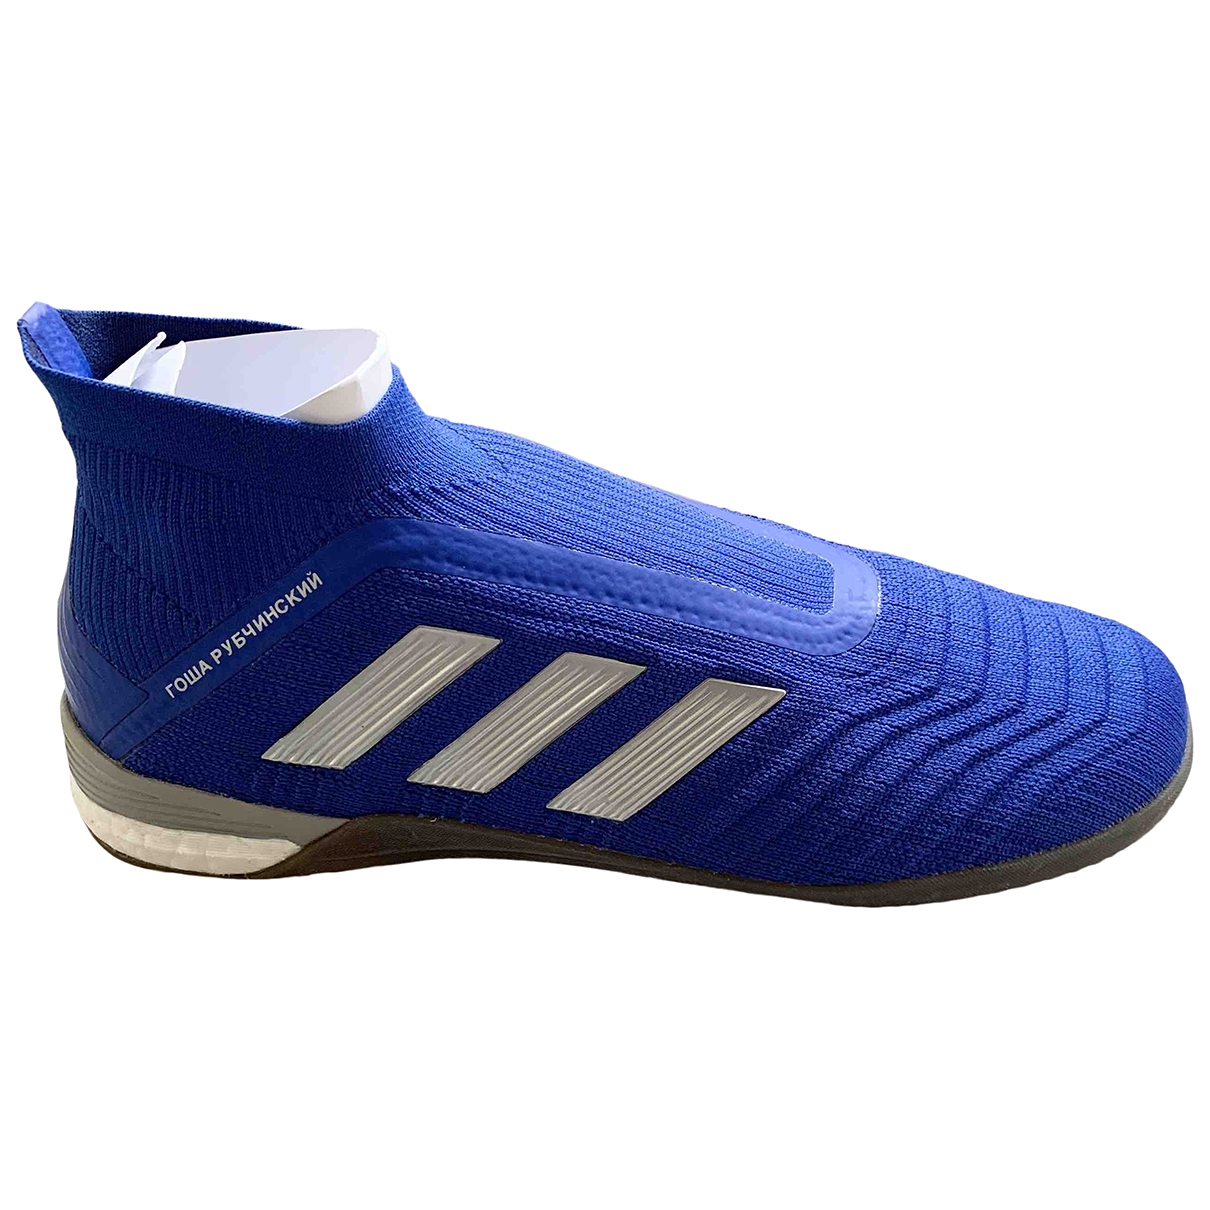 Adidas X Gosha Rubchinskiy N Blue Cloth Trainers